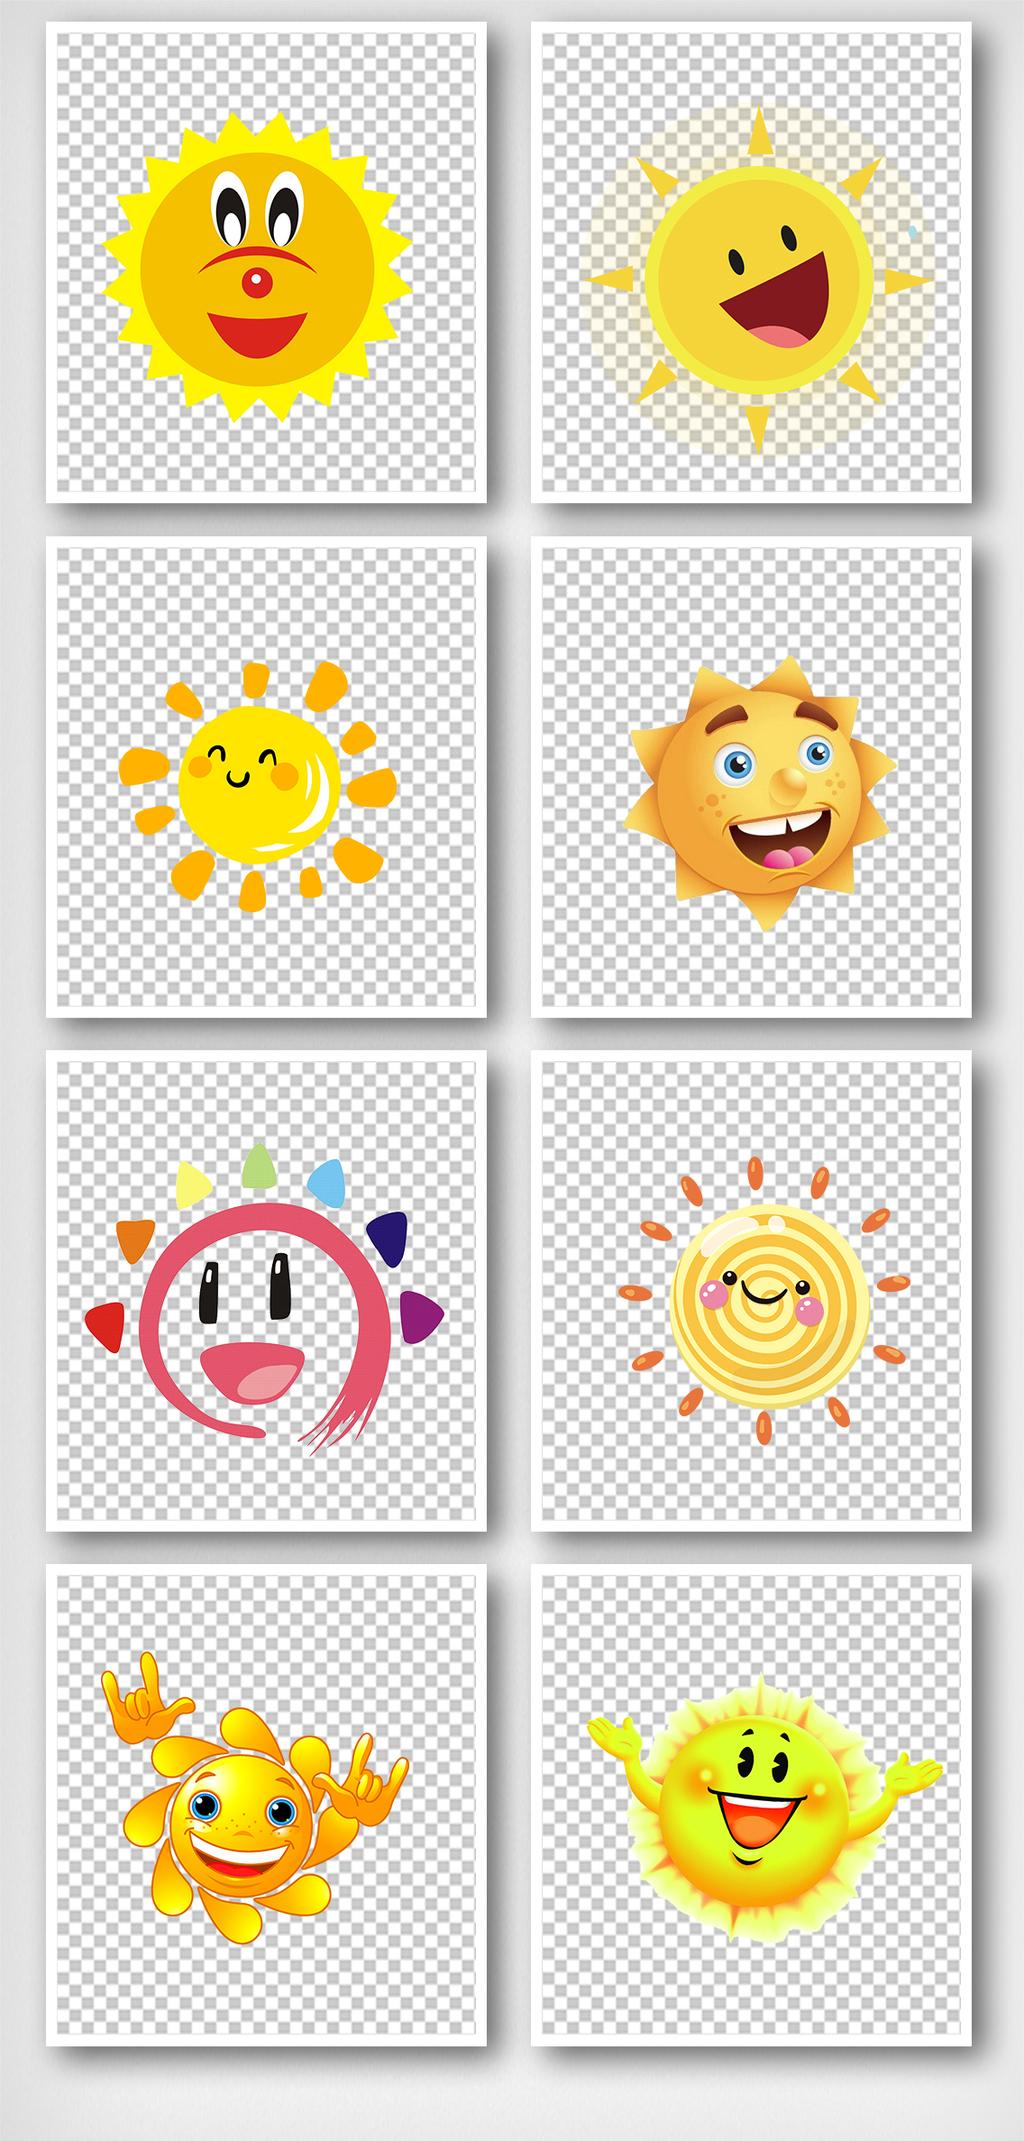 卡通手绘太阳表情包png元素